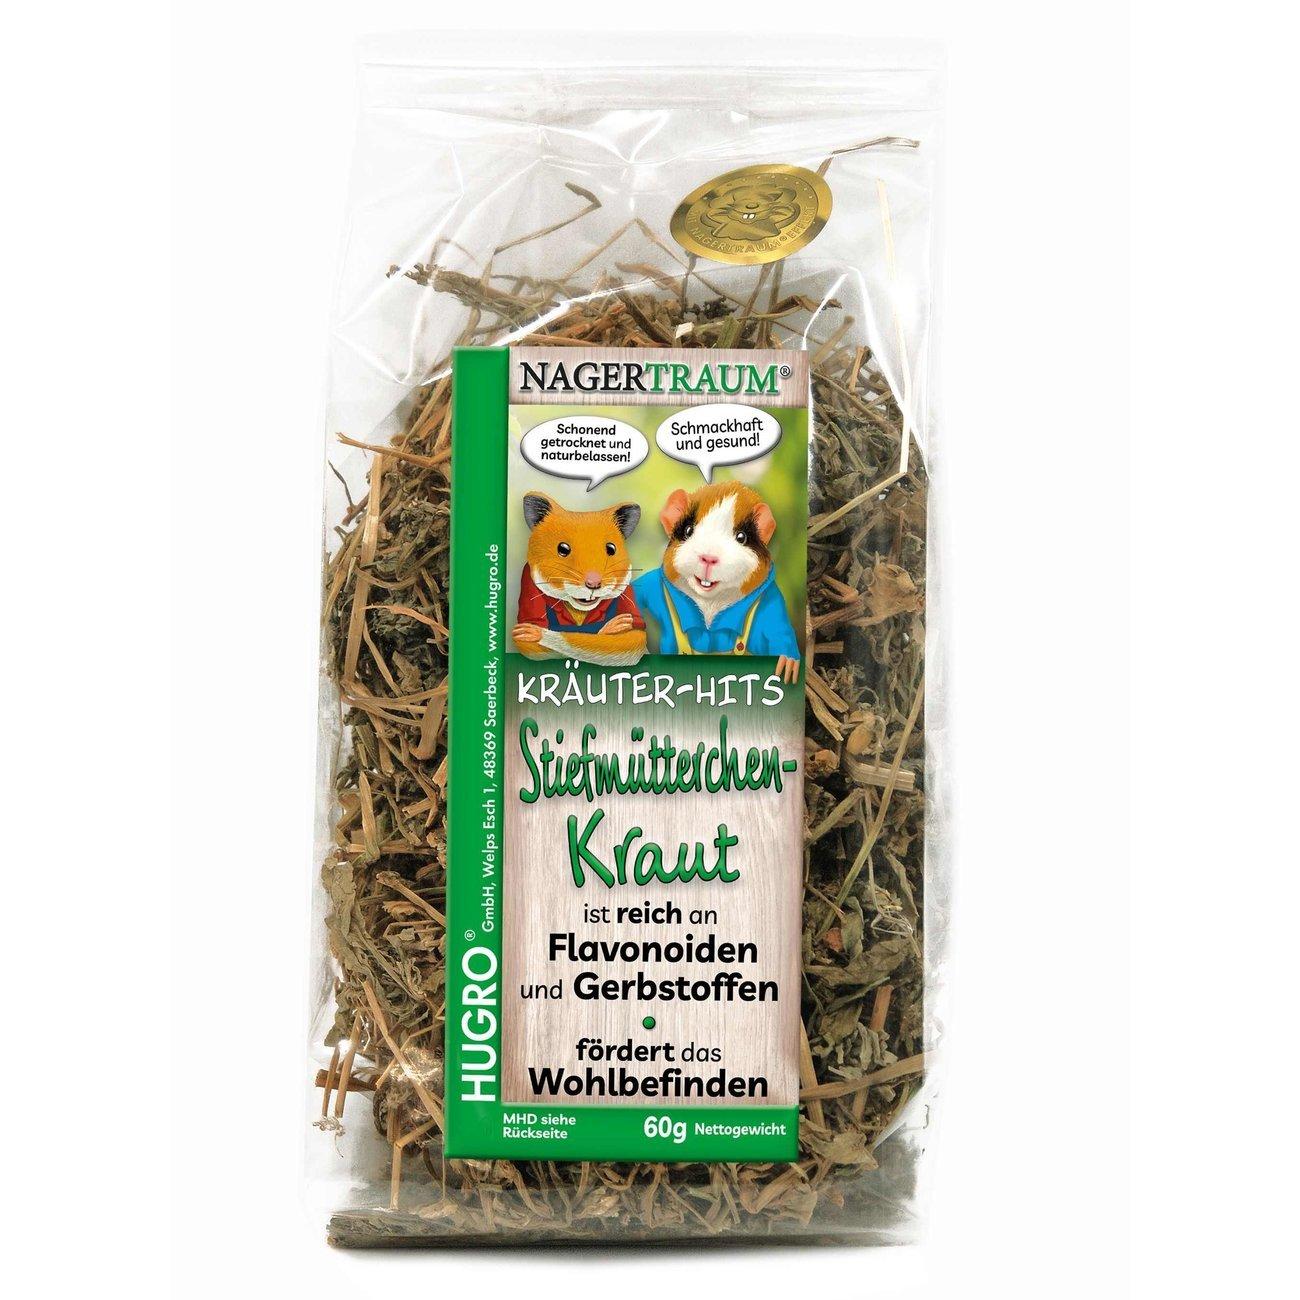 HUGRO® Nagertraum Stiefmütterchen-Kraut, 60 g